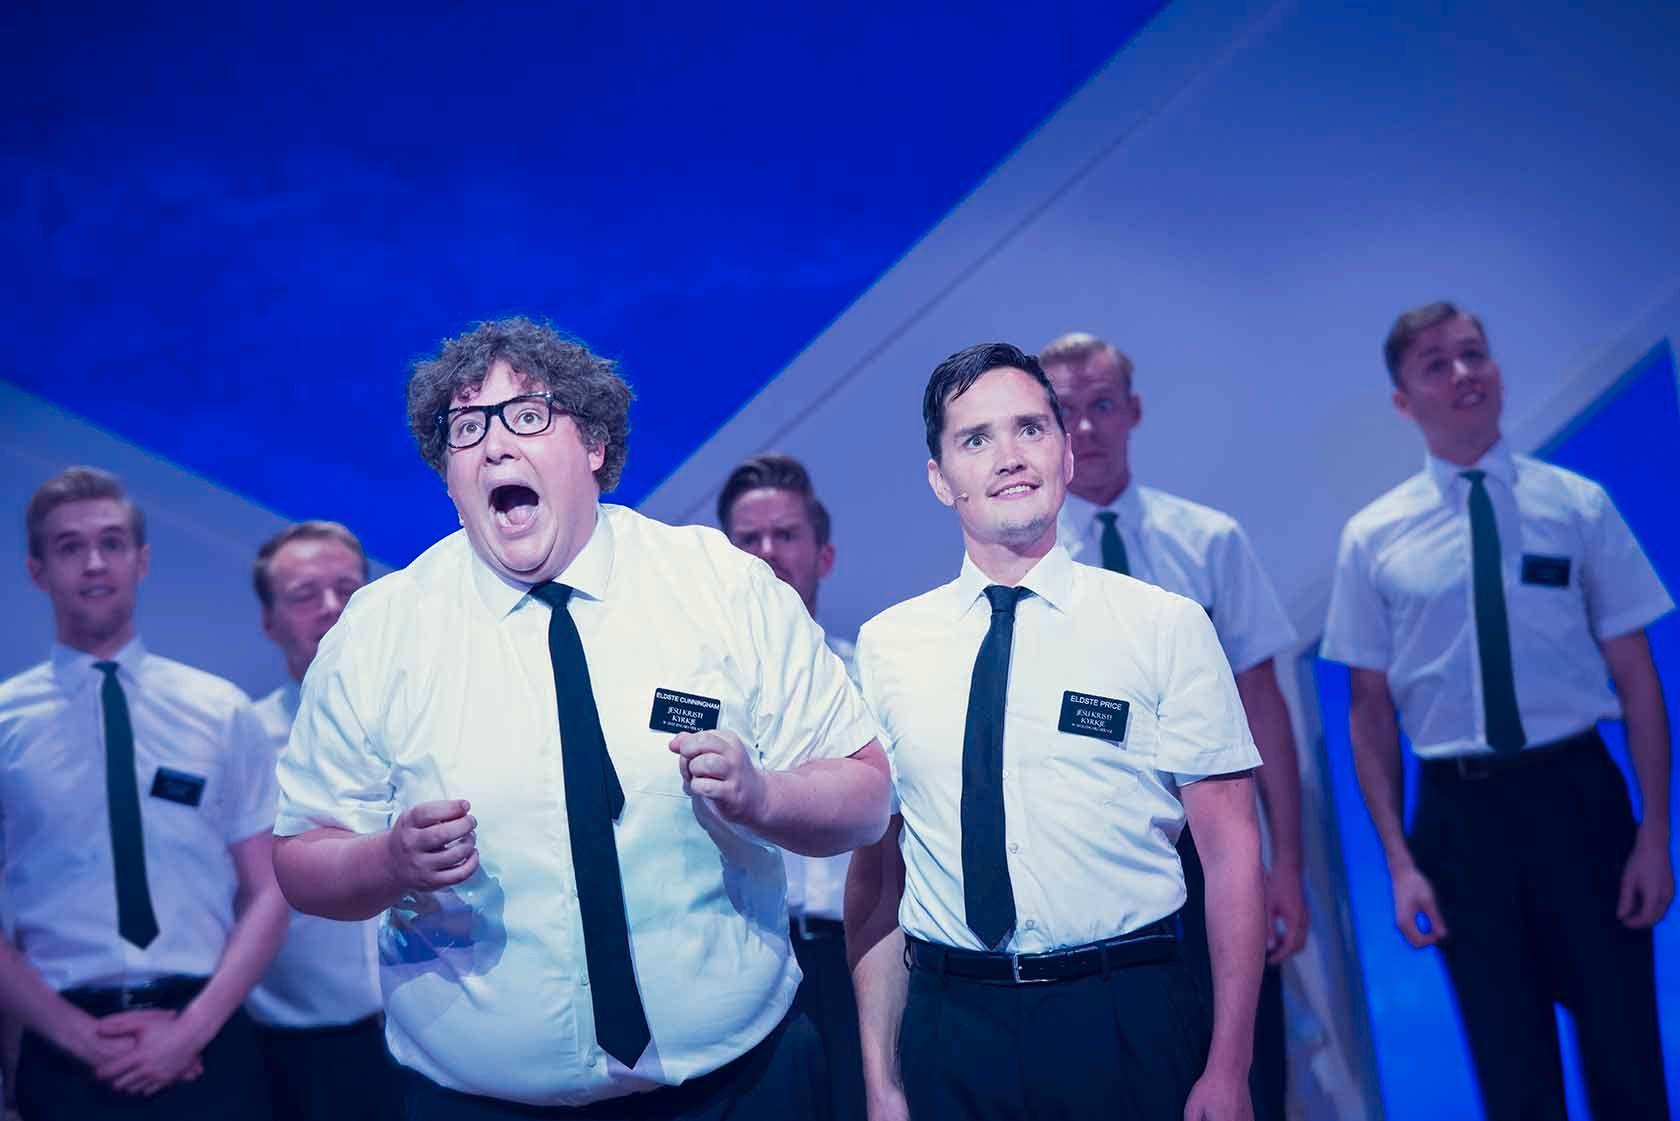 SUKSESS: Kristoffer Olsen og Frank Kjosås i «The Book of Mormon» på Det Norske Teatret.